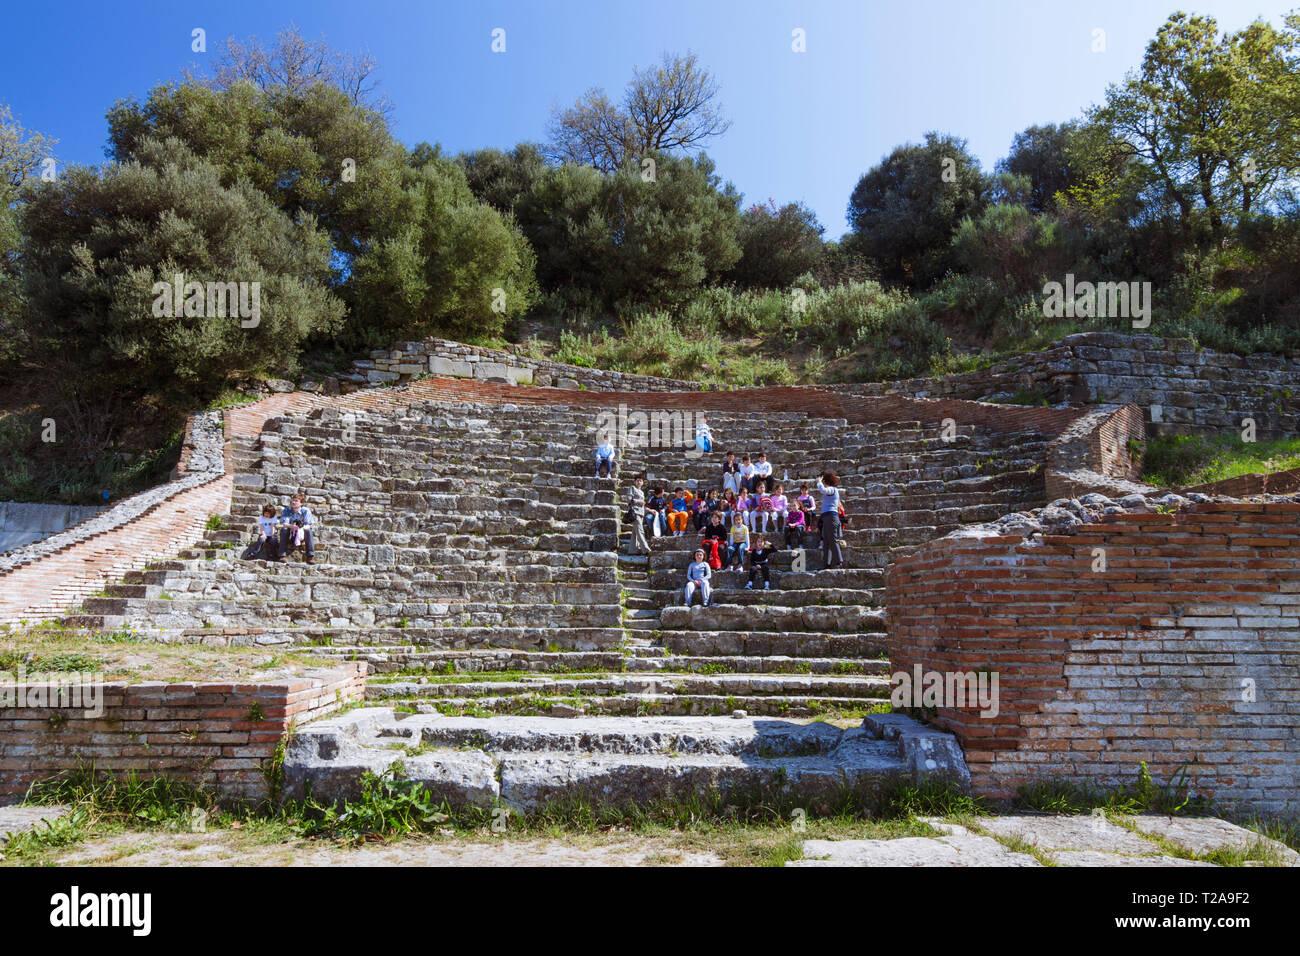 Apollonia, Fier, de l'Albanie: un groupe d'adolescents se tenir dans les ruines du théâtre de l'Odéon. Fondée par les Grecs en 588 avant J.-C., d'Apollonia s'est transformé en un important Photo Stock